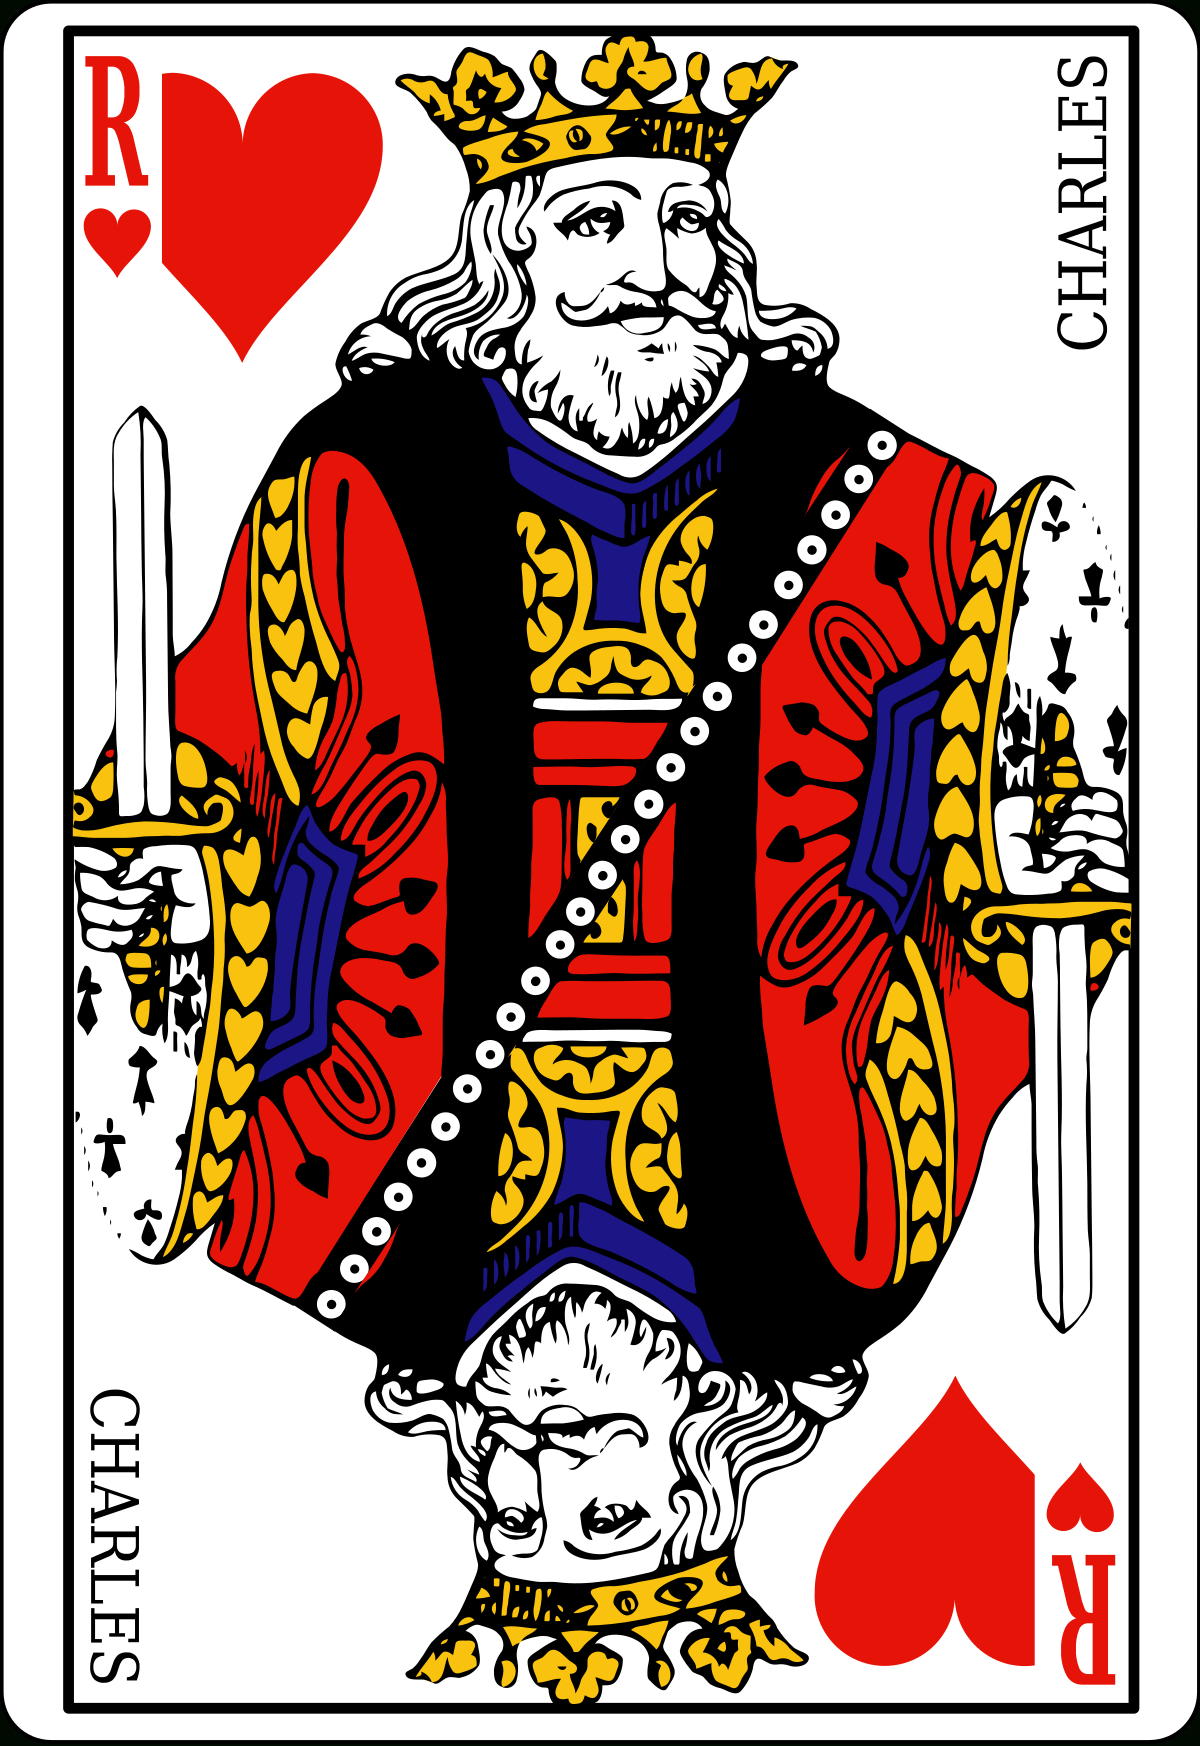 Jeu De Cartes Gratuits Roi De Coeur encequiconcerne Jeux De Billes Gratuits